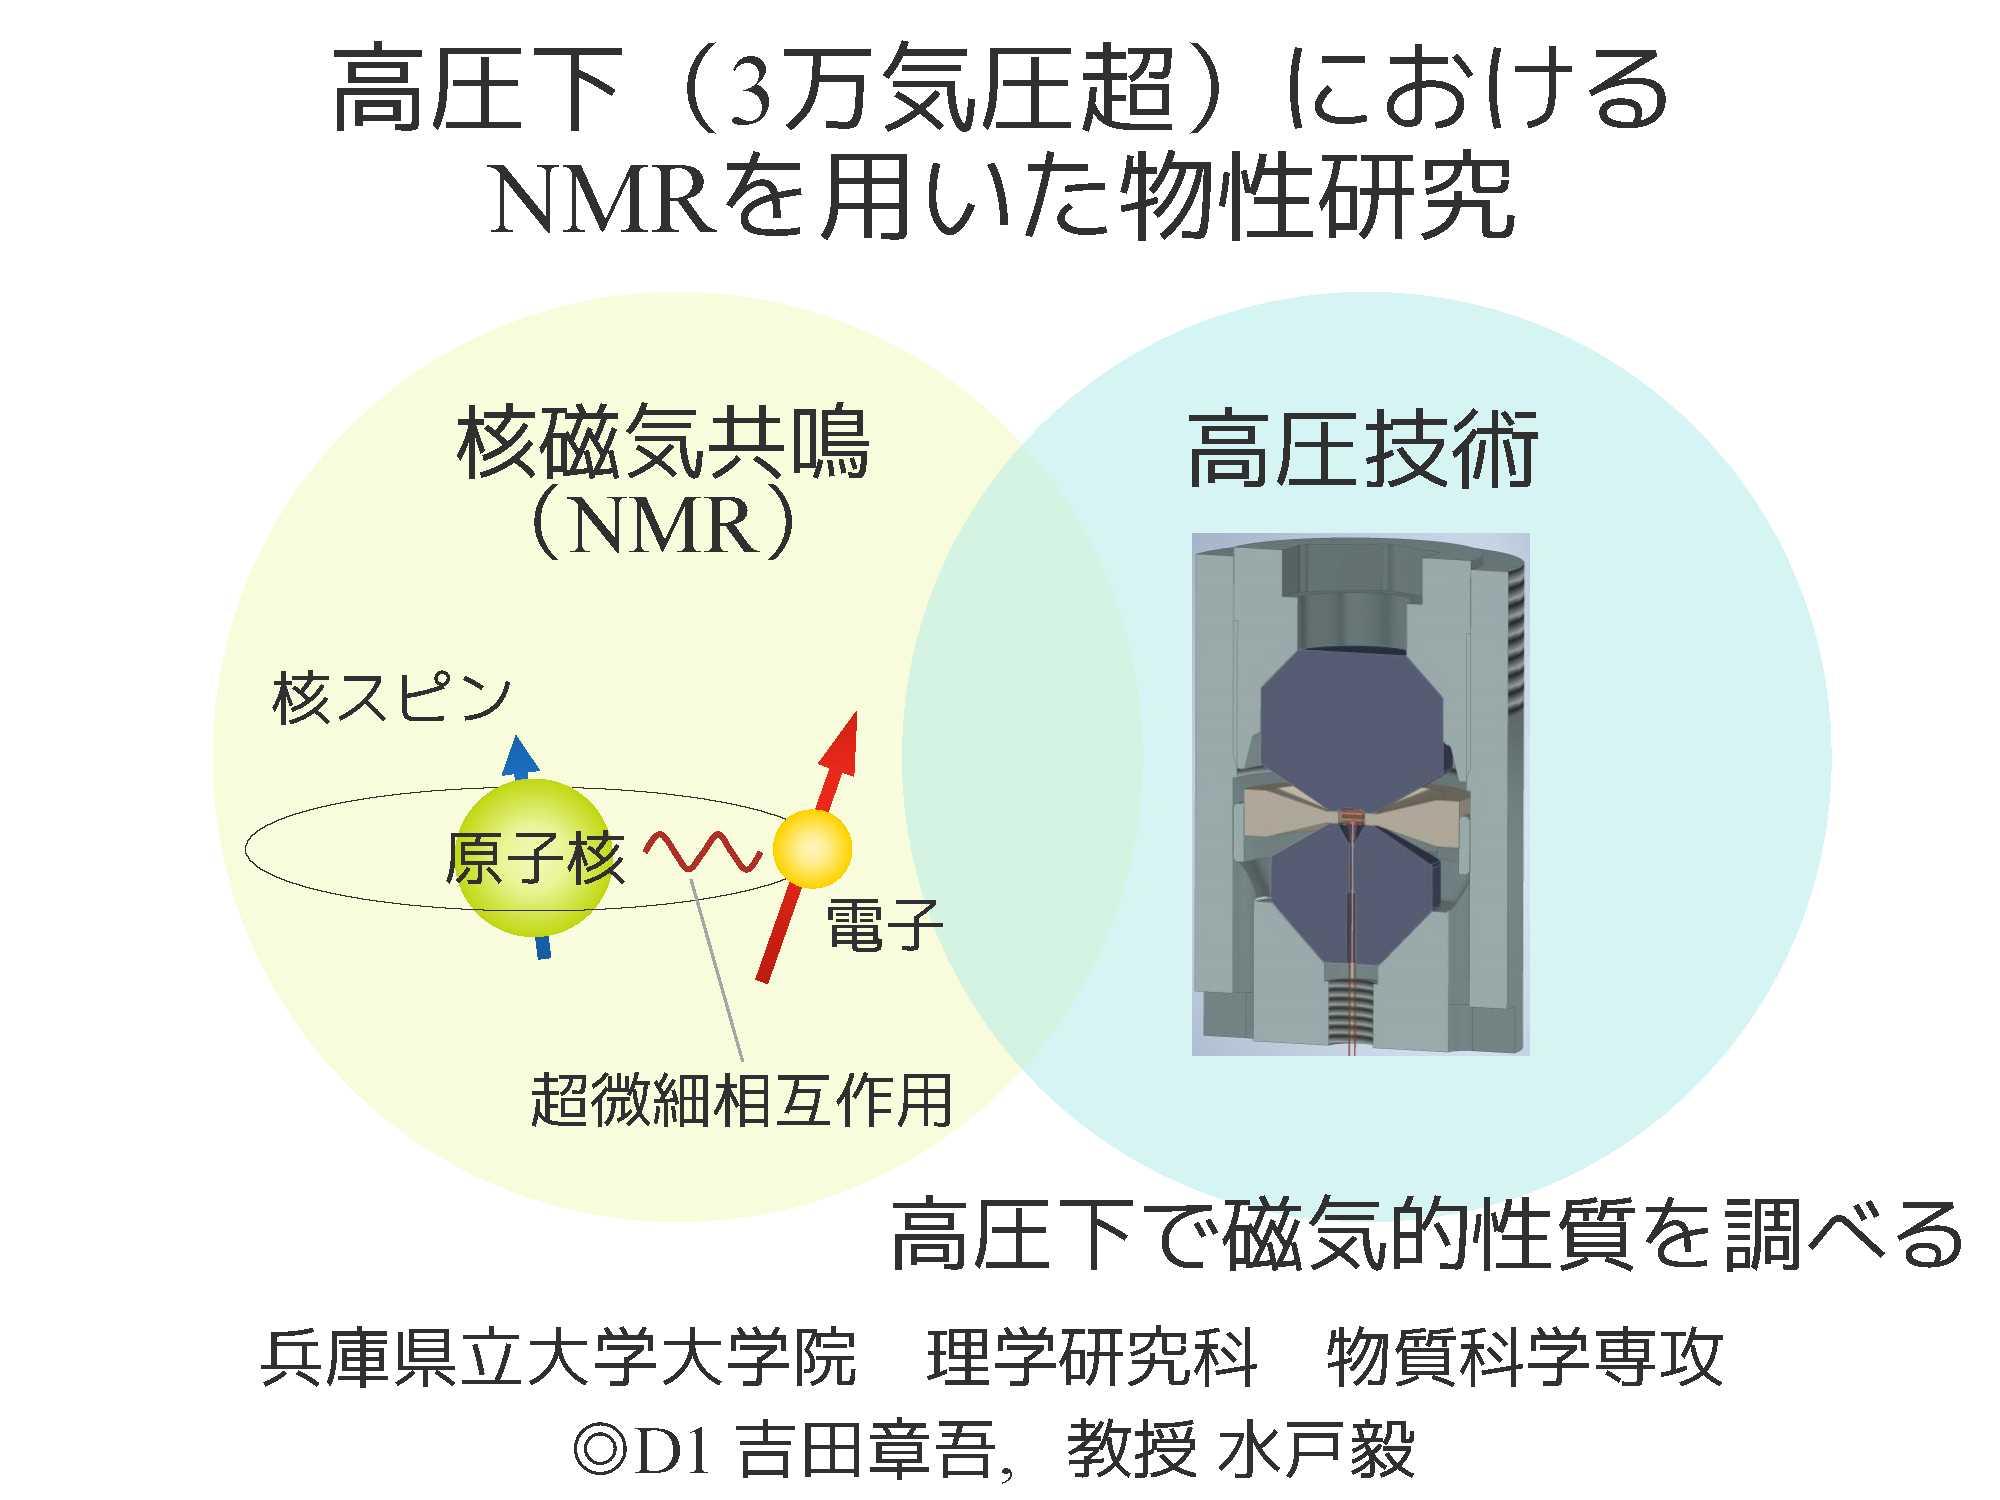 30 高圧下(3万気圧超)におけるNMRを用いた物性研究